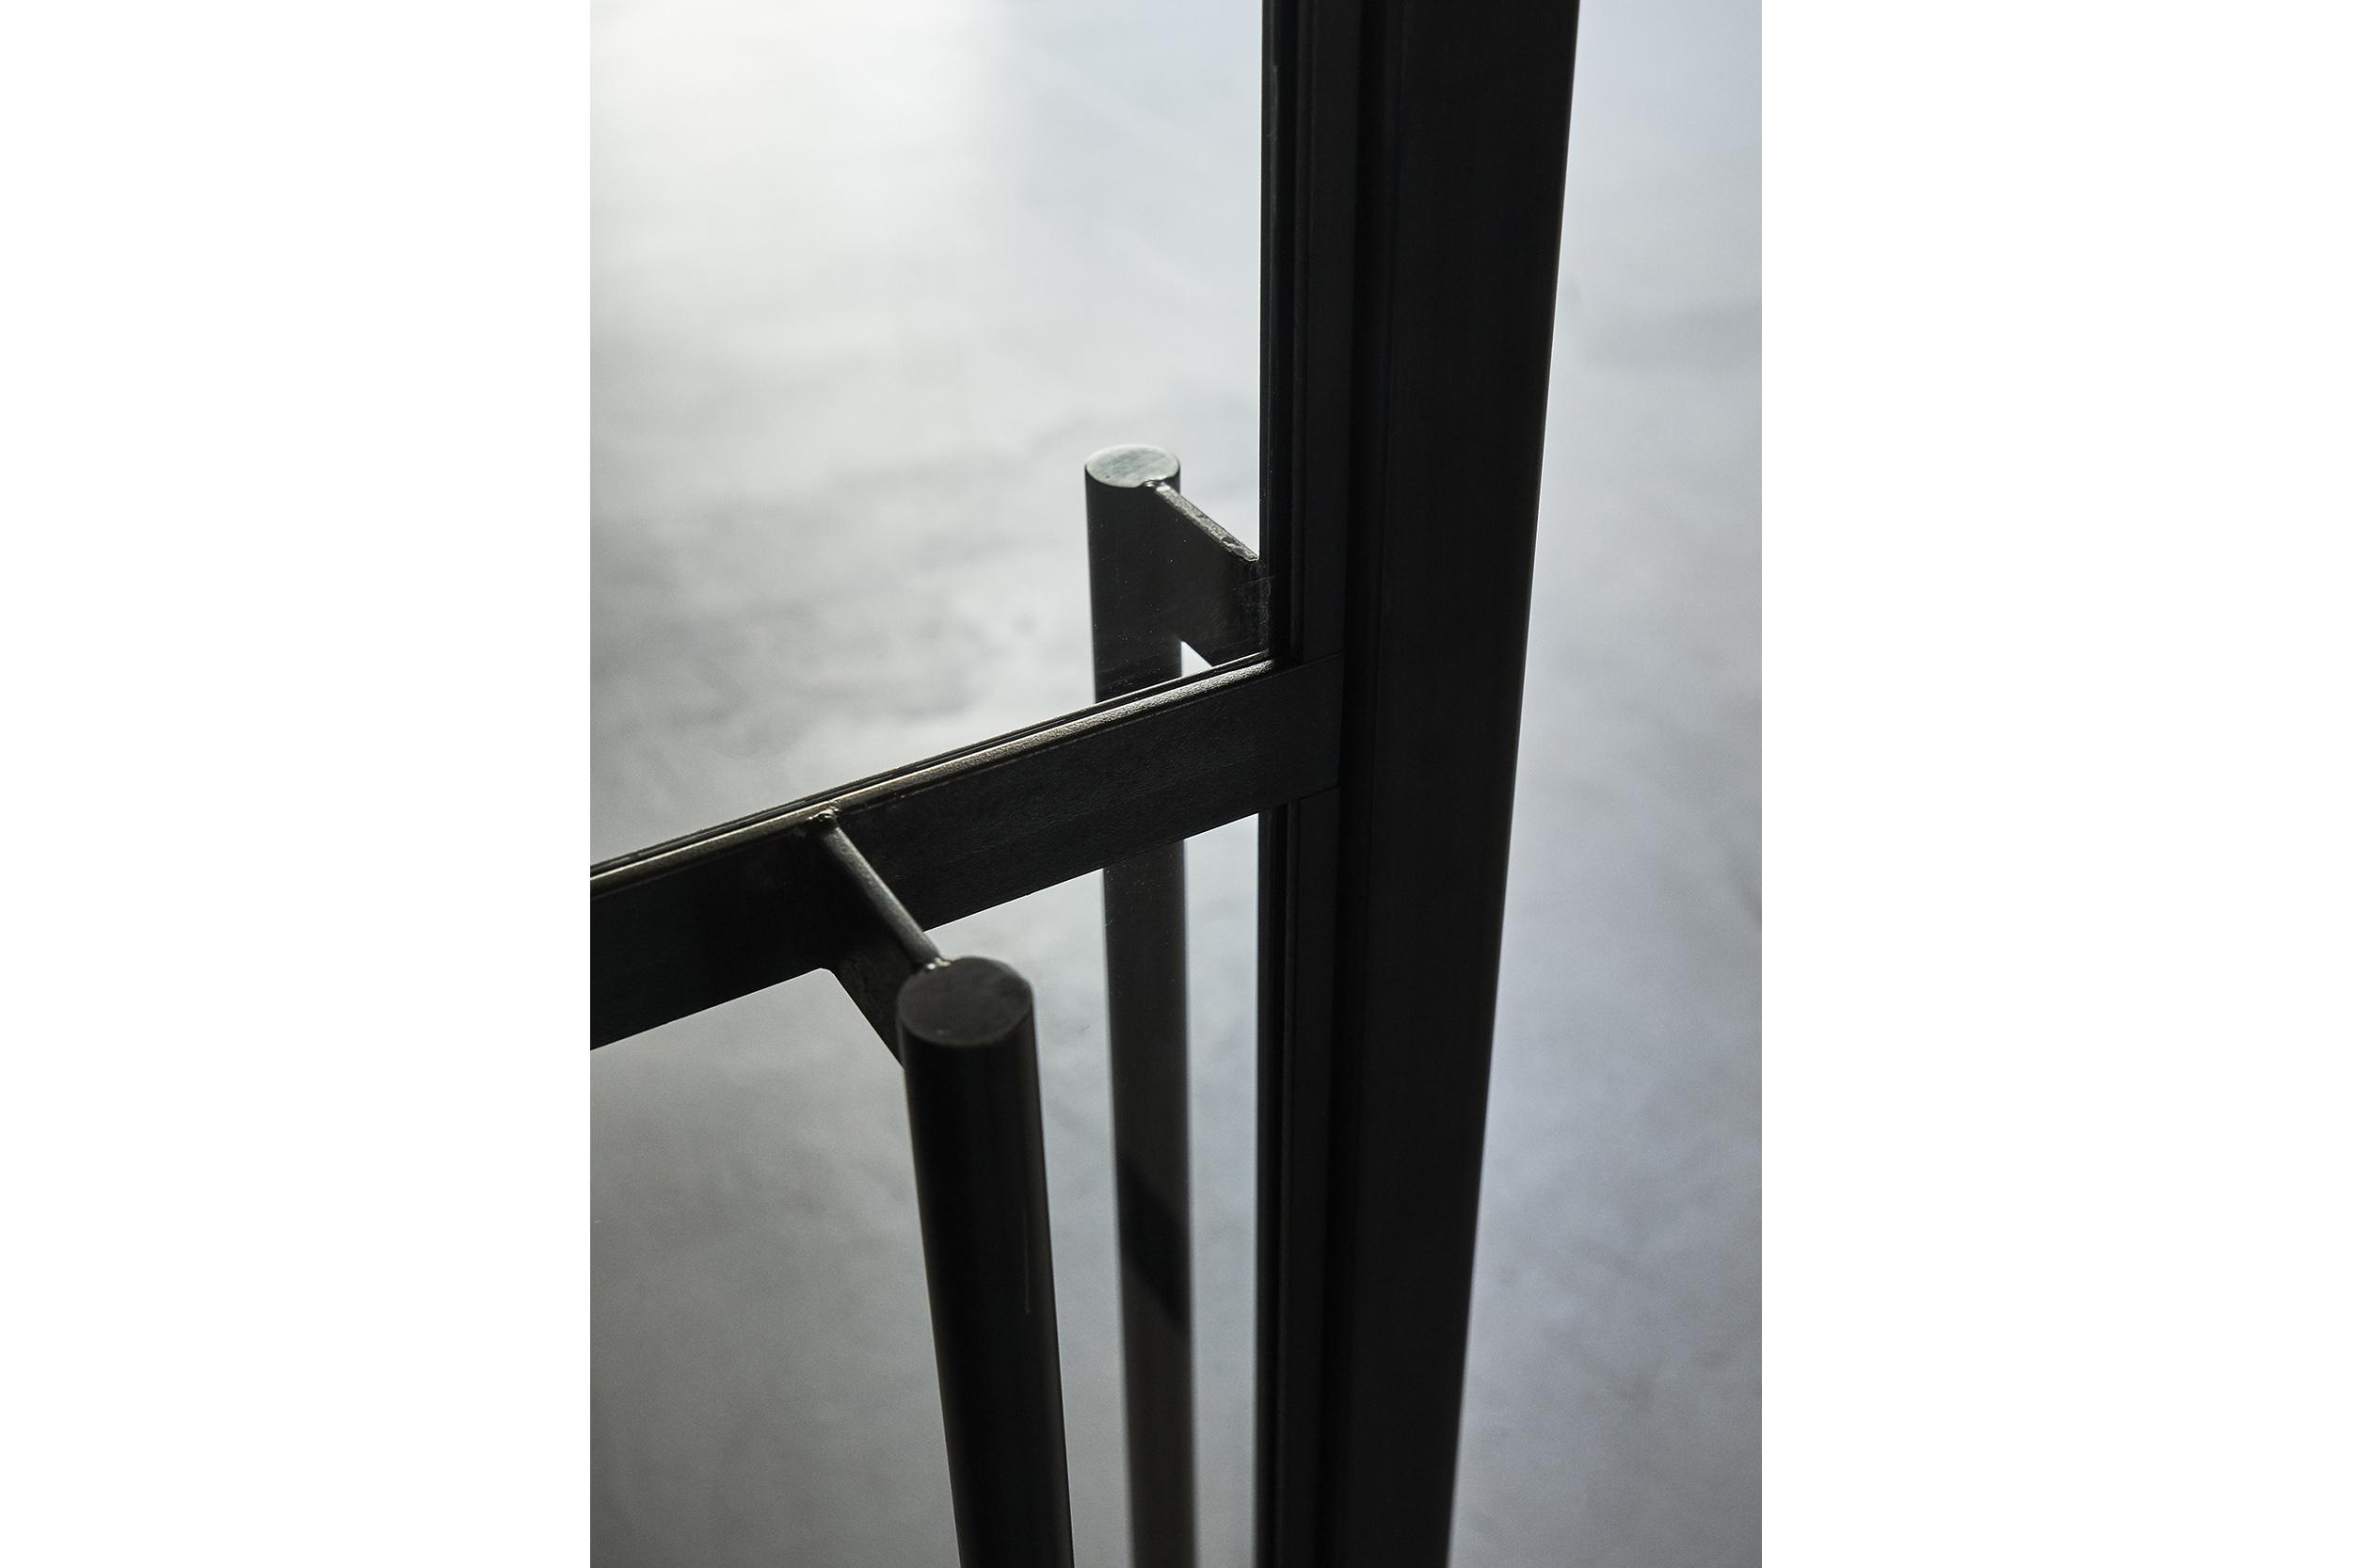 goCstudio_Substantial_corner door detail.jpg